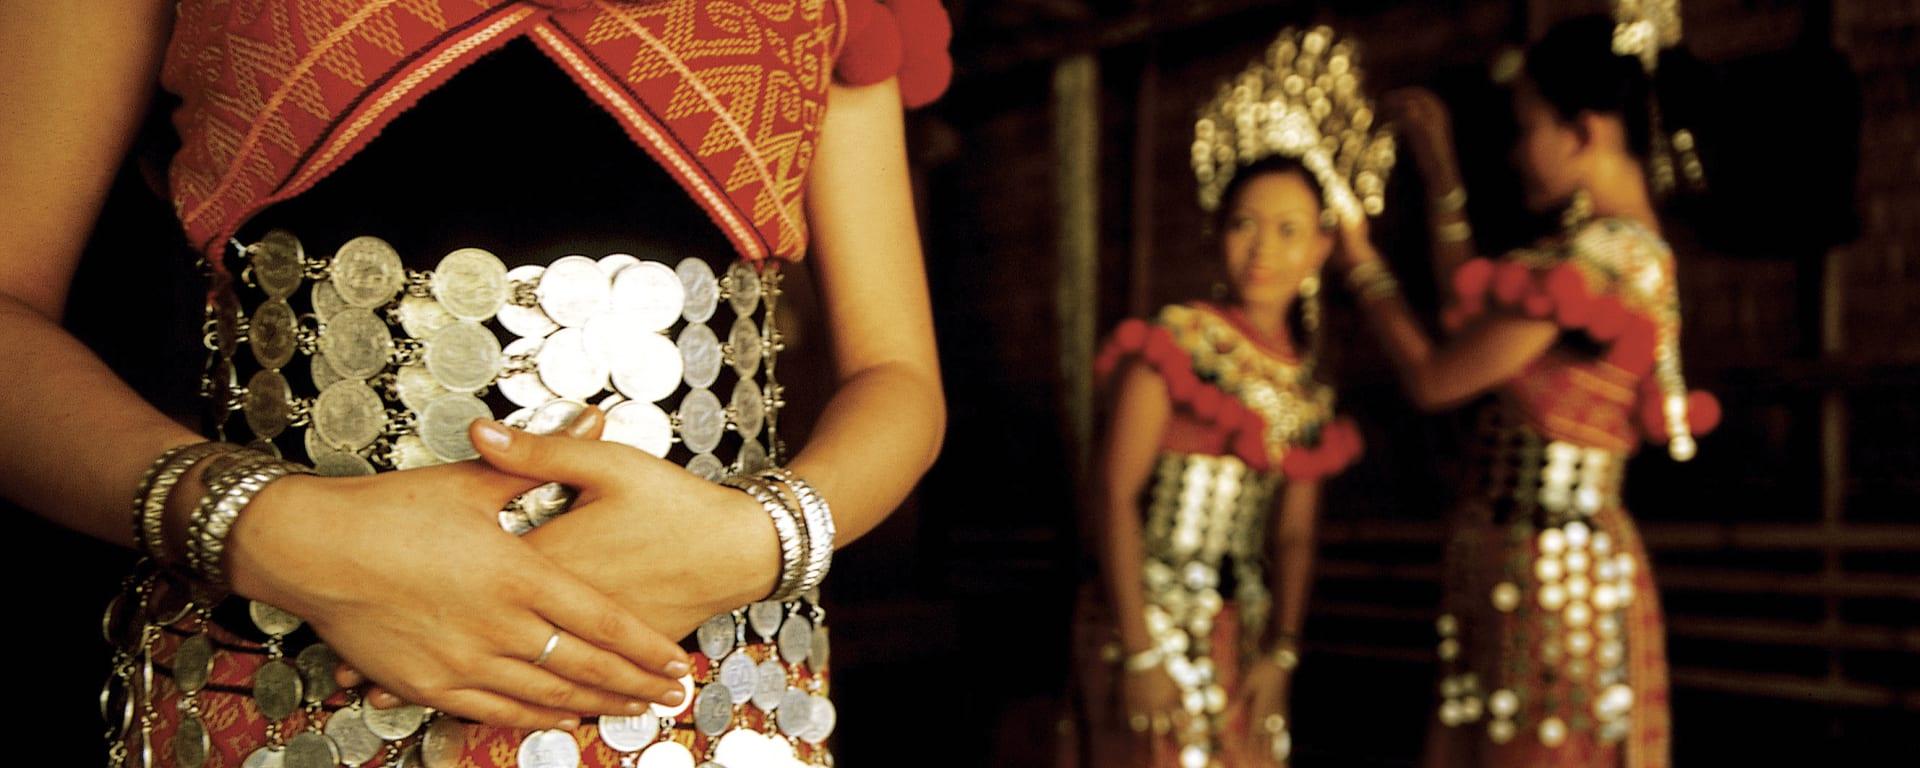 Borneo entdecken mit Tischler Reisen: 1my-mensch-iban-frau-kostuem-sarawak-tourism-board